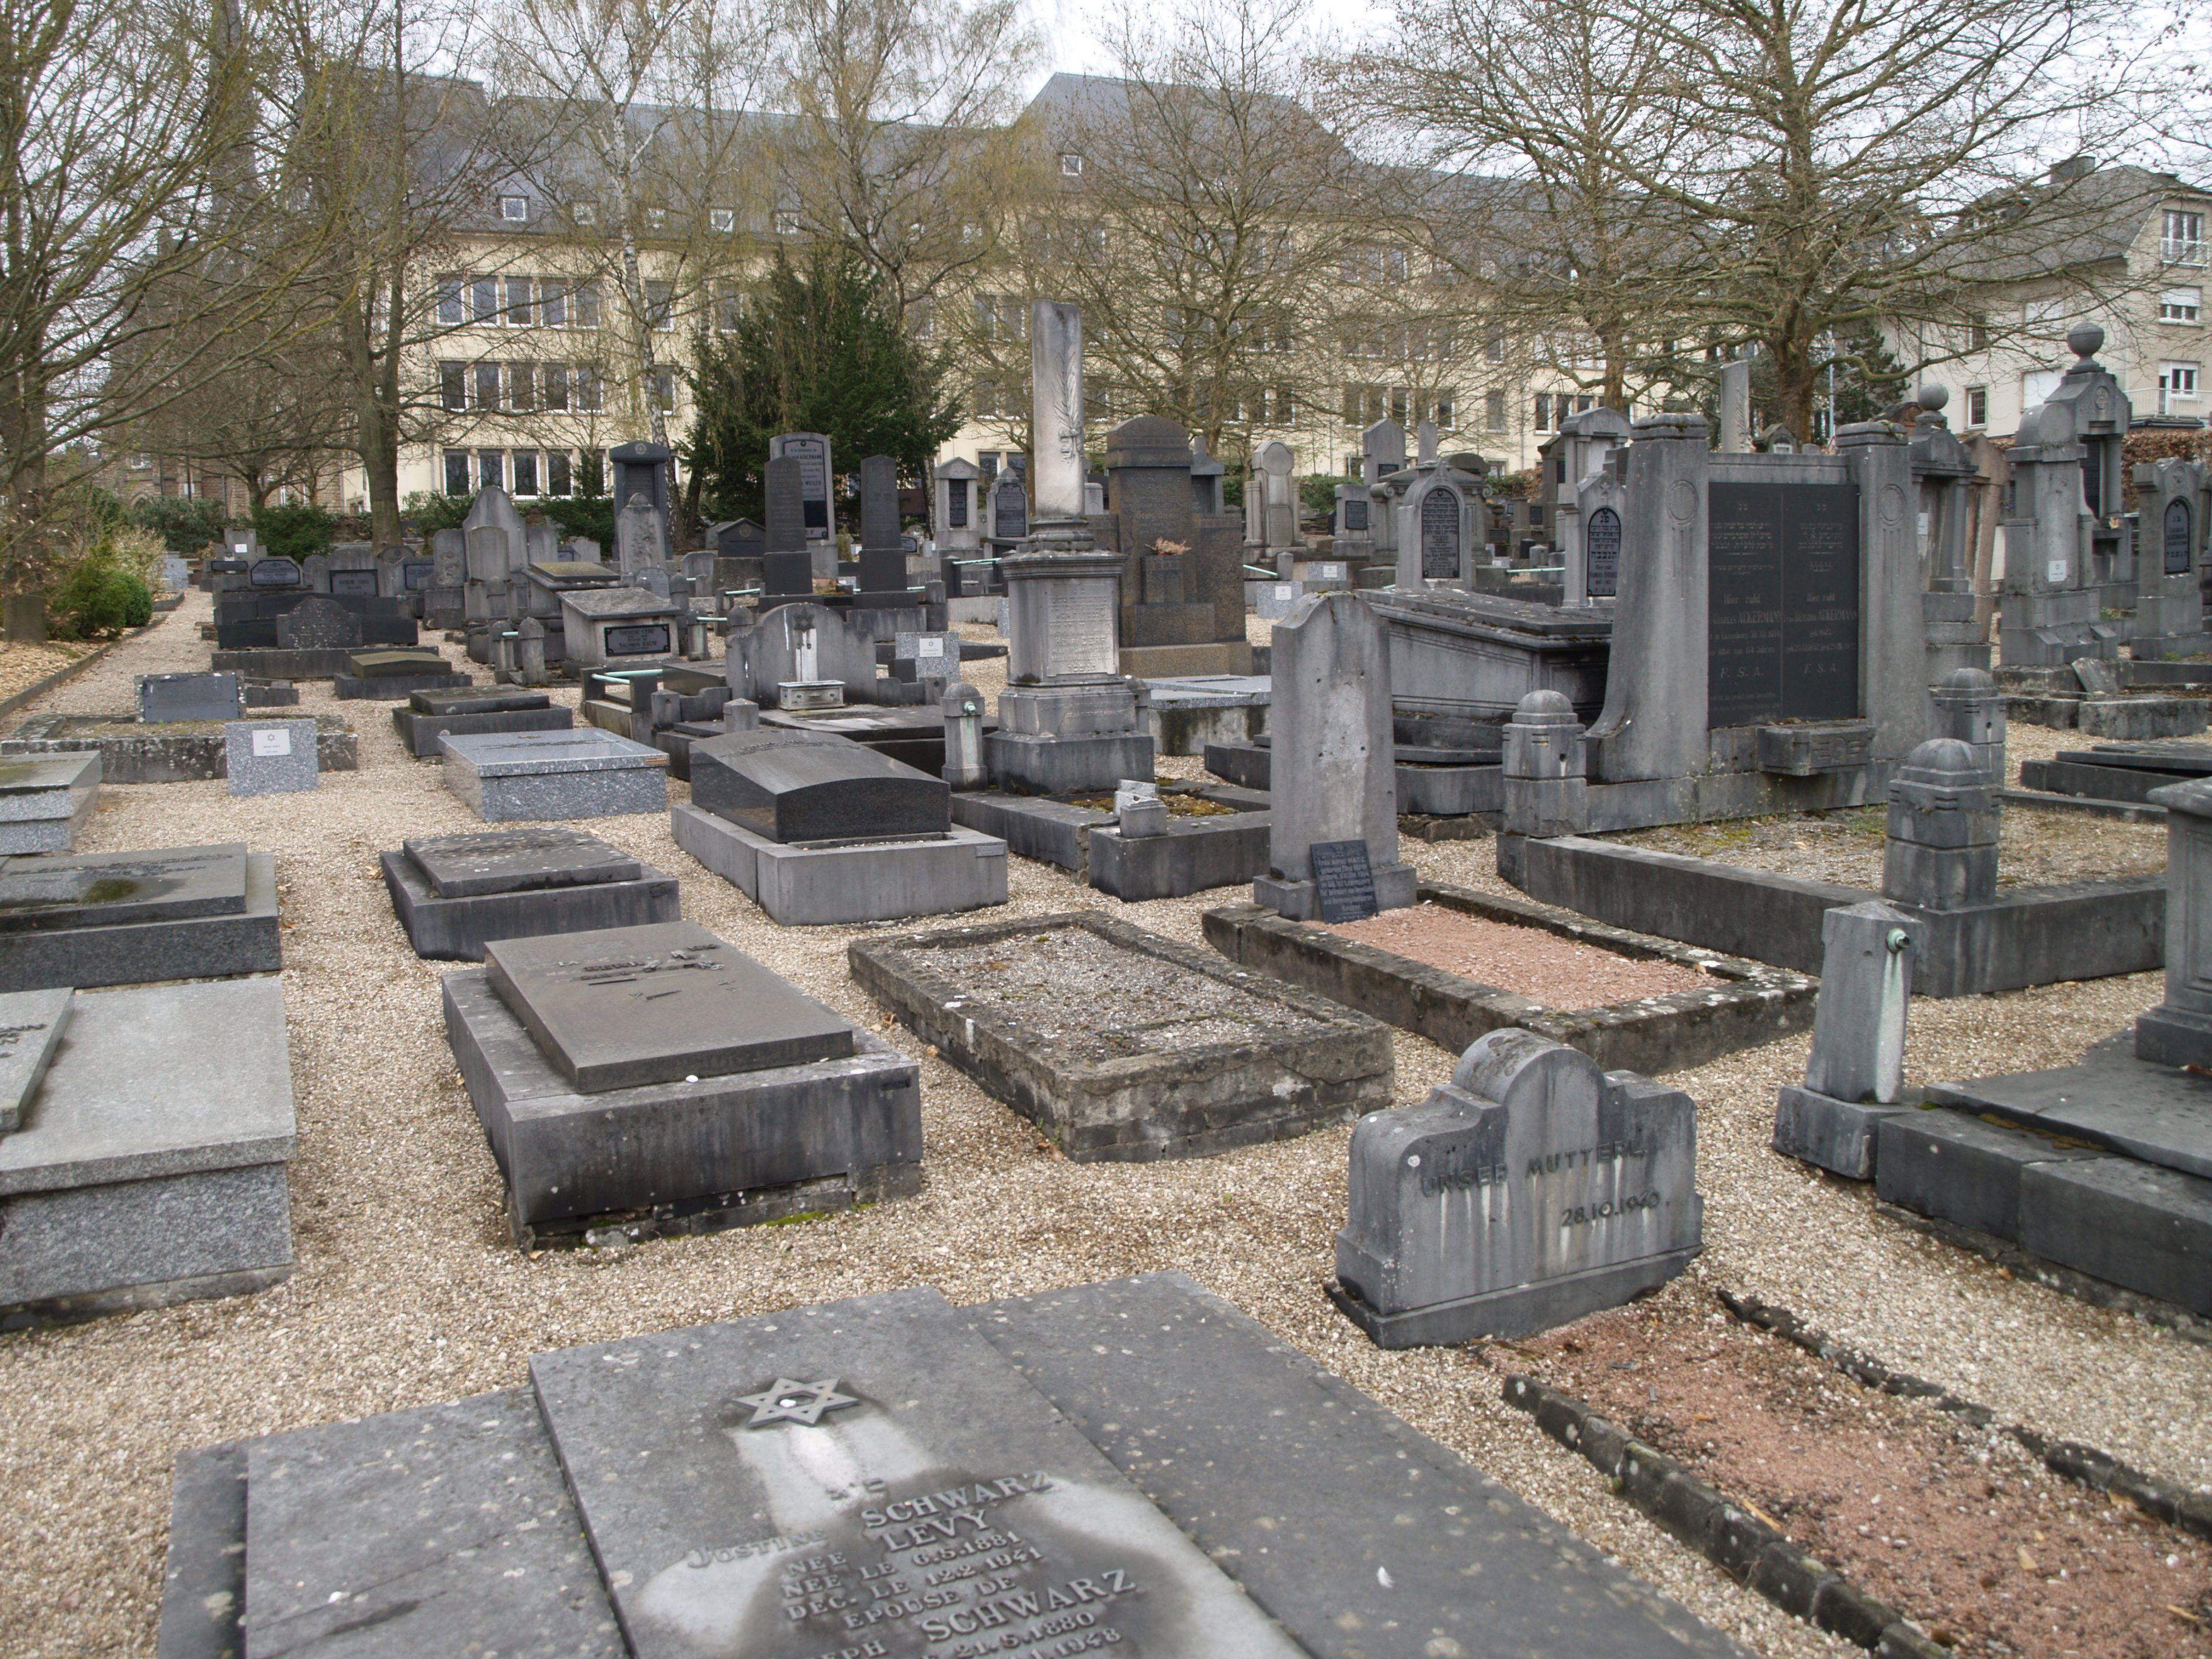 http://www.alemannia-judaica.de/images/Images%20325/Louxemburg%20Friedhof%2012103.jpg